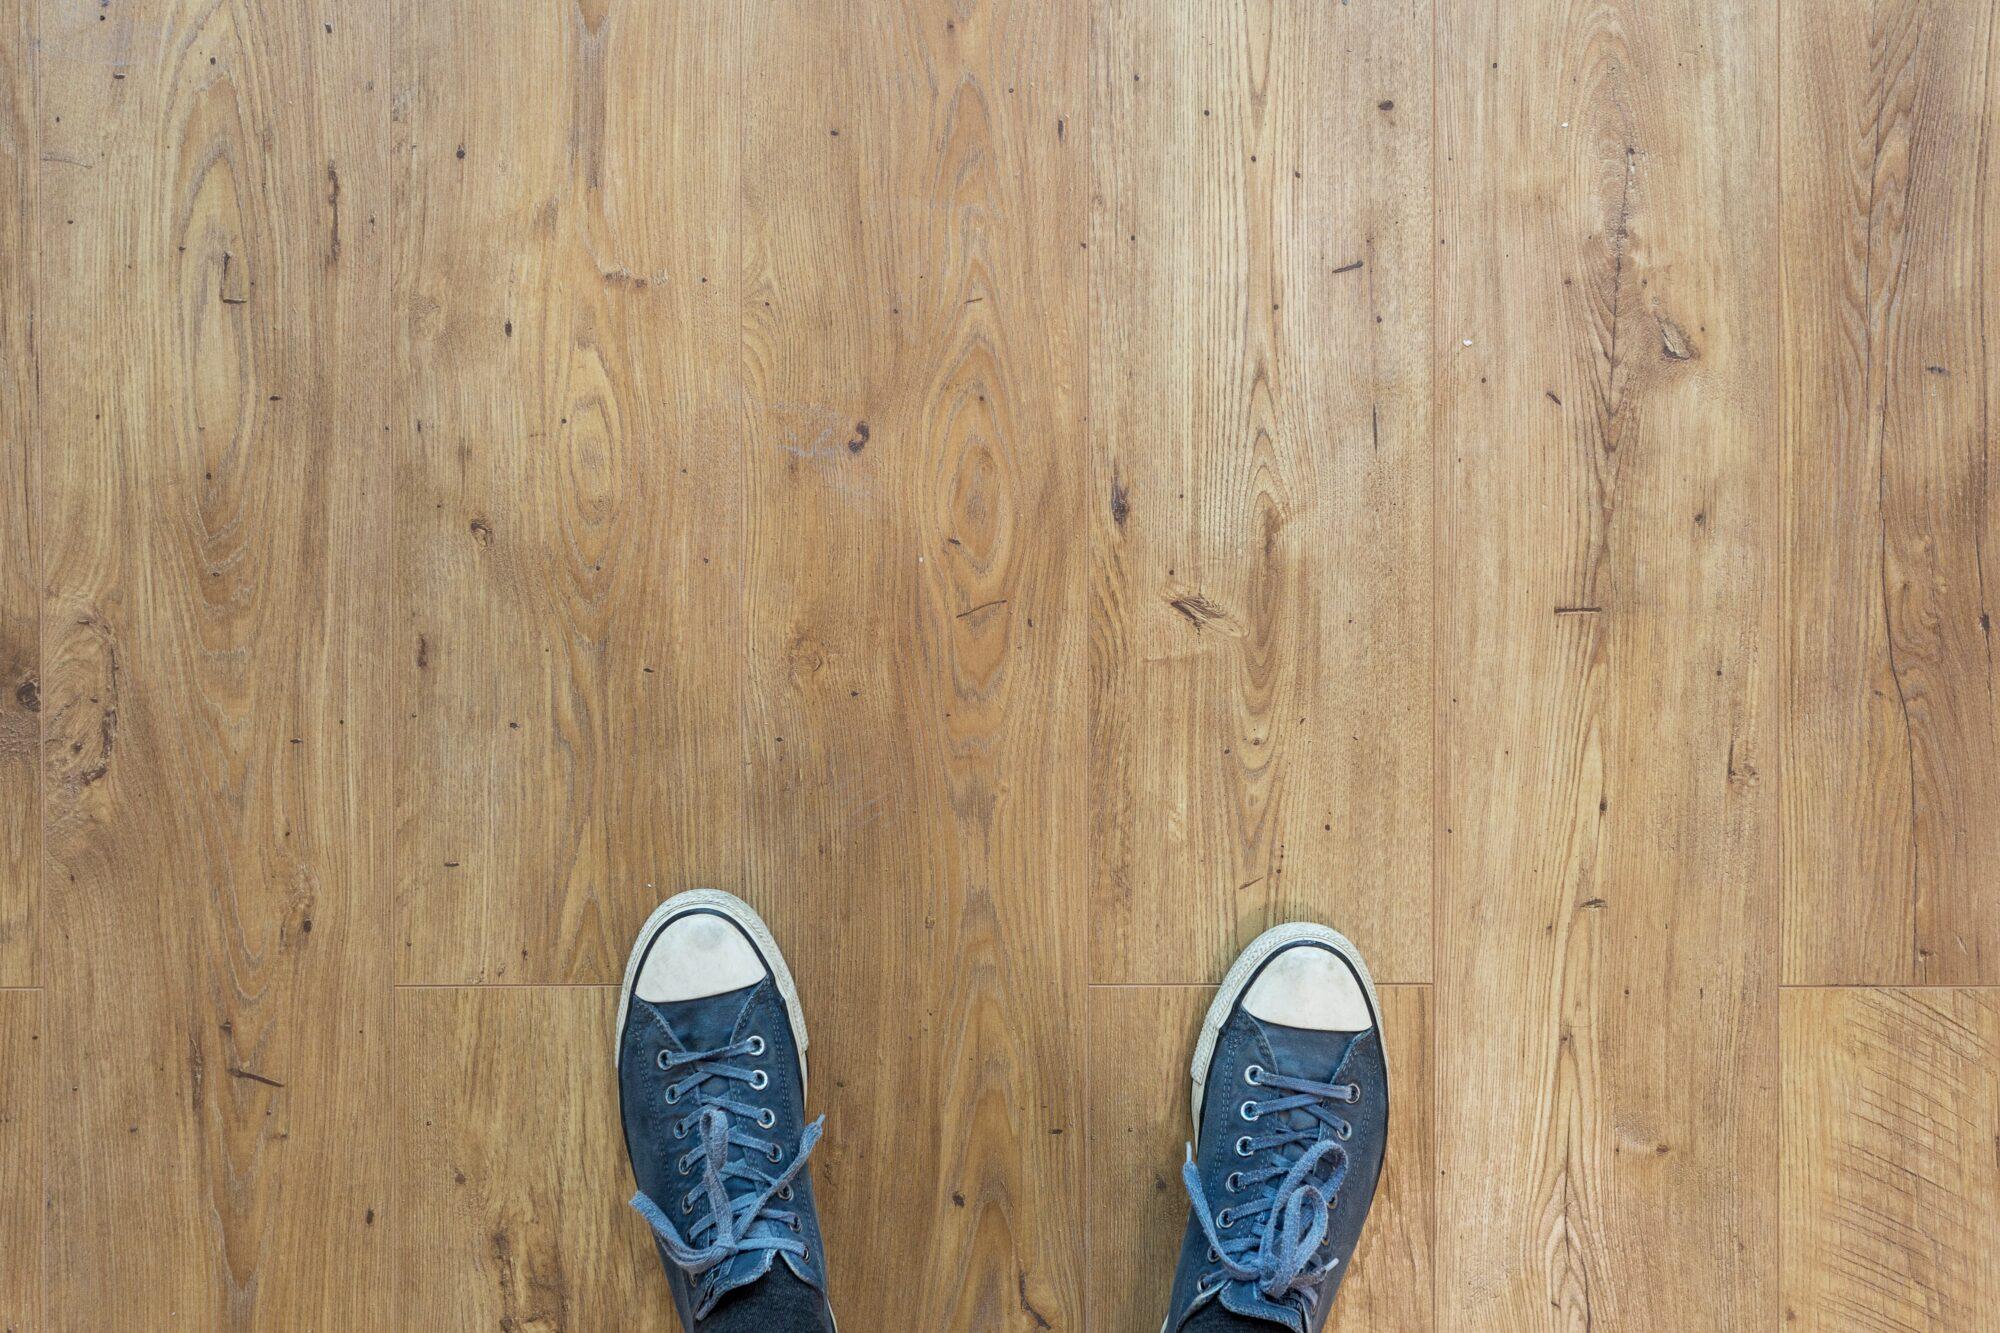 Sådan kan du få frisket trægulvene op med en gulvafslibning og gulvbehandling